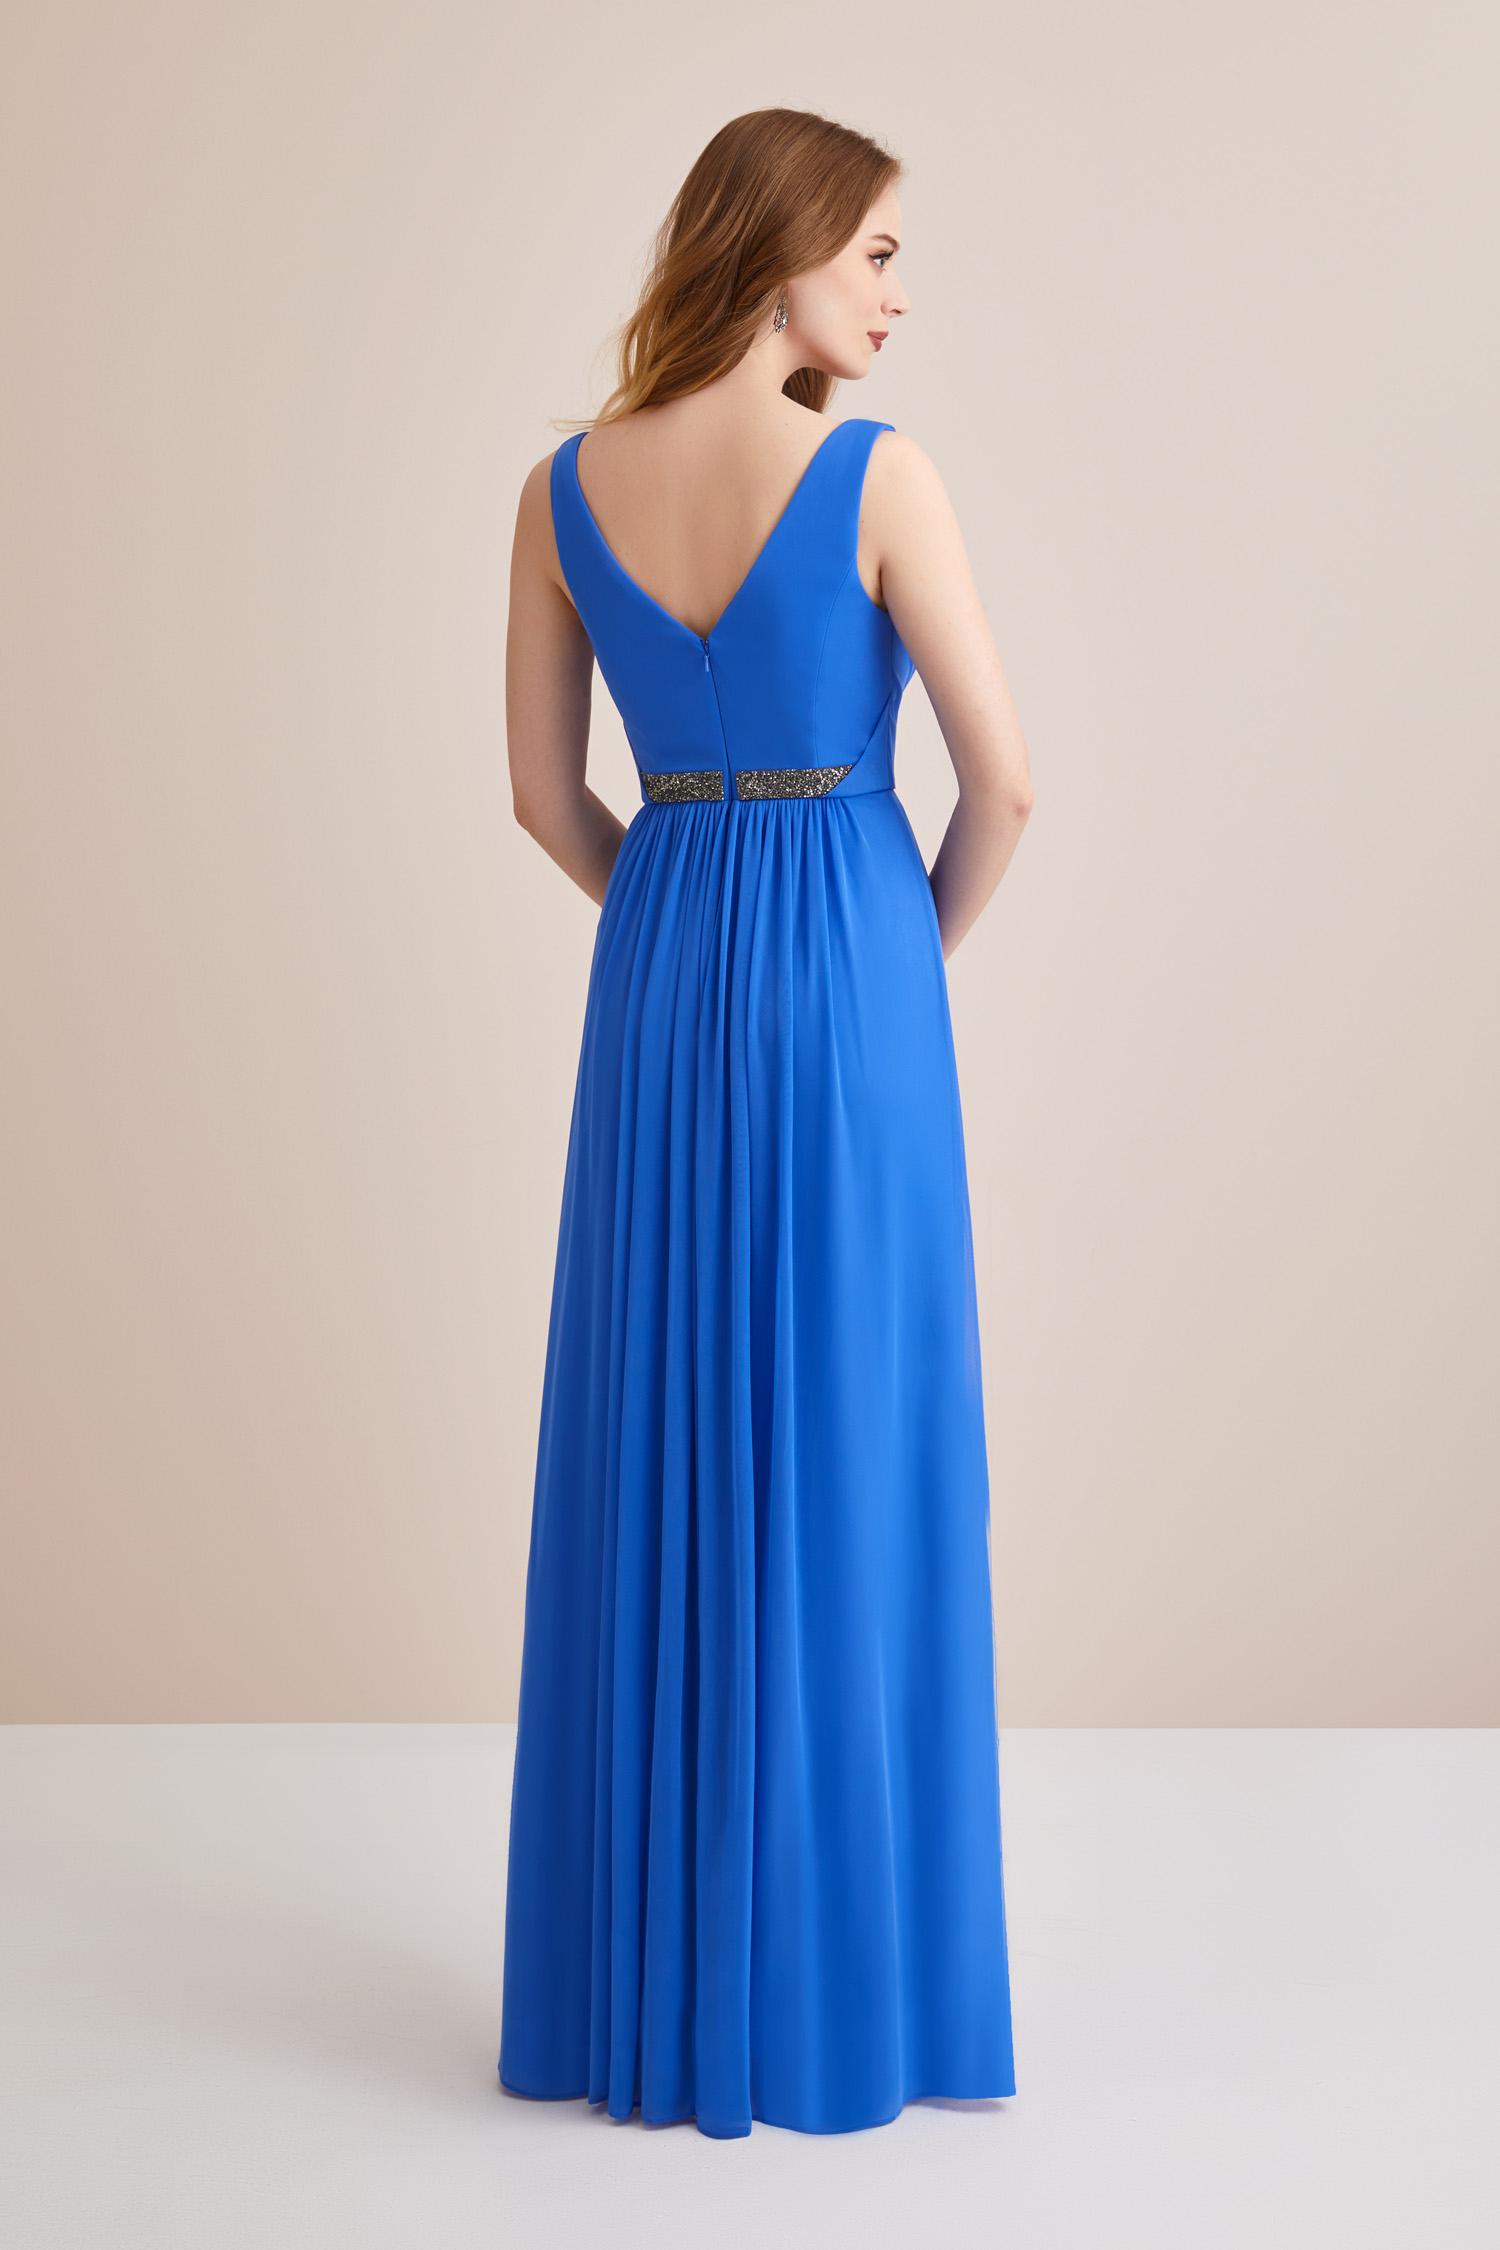 Mavi Askılı Kemerli V Yaka Uzun Abiye Elbise - Thumbnail